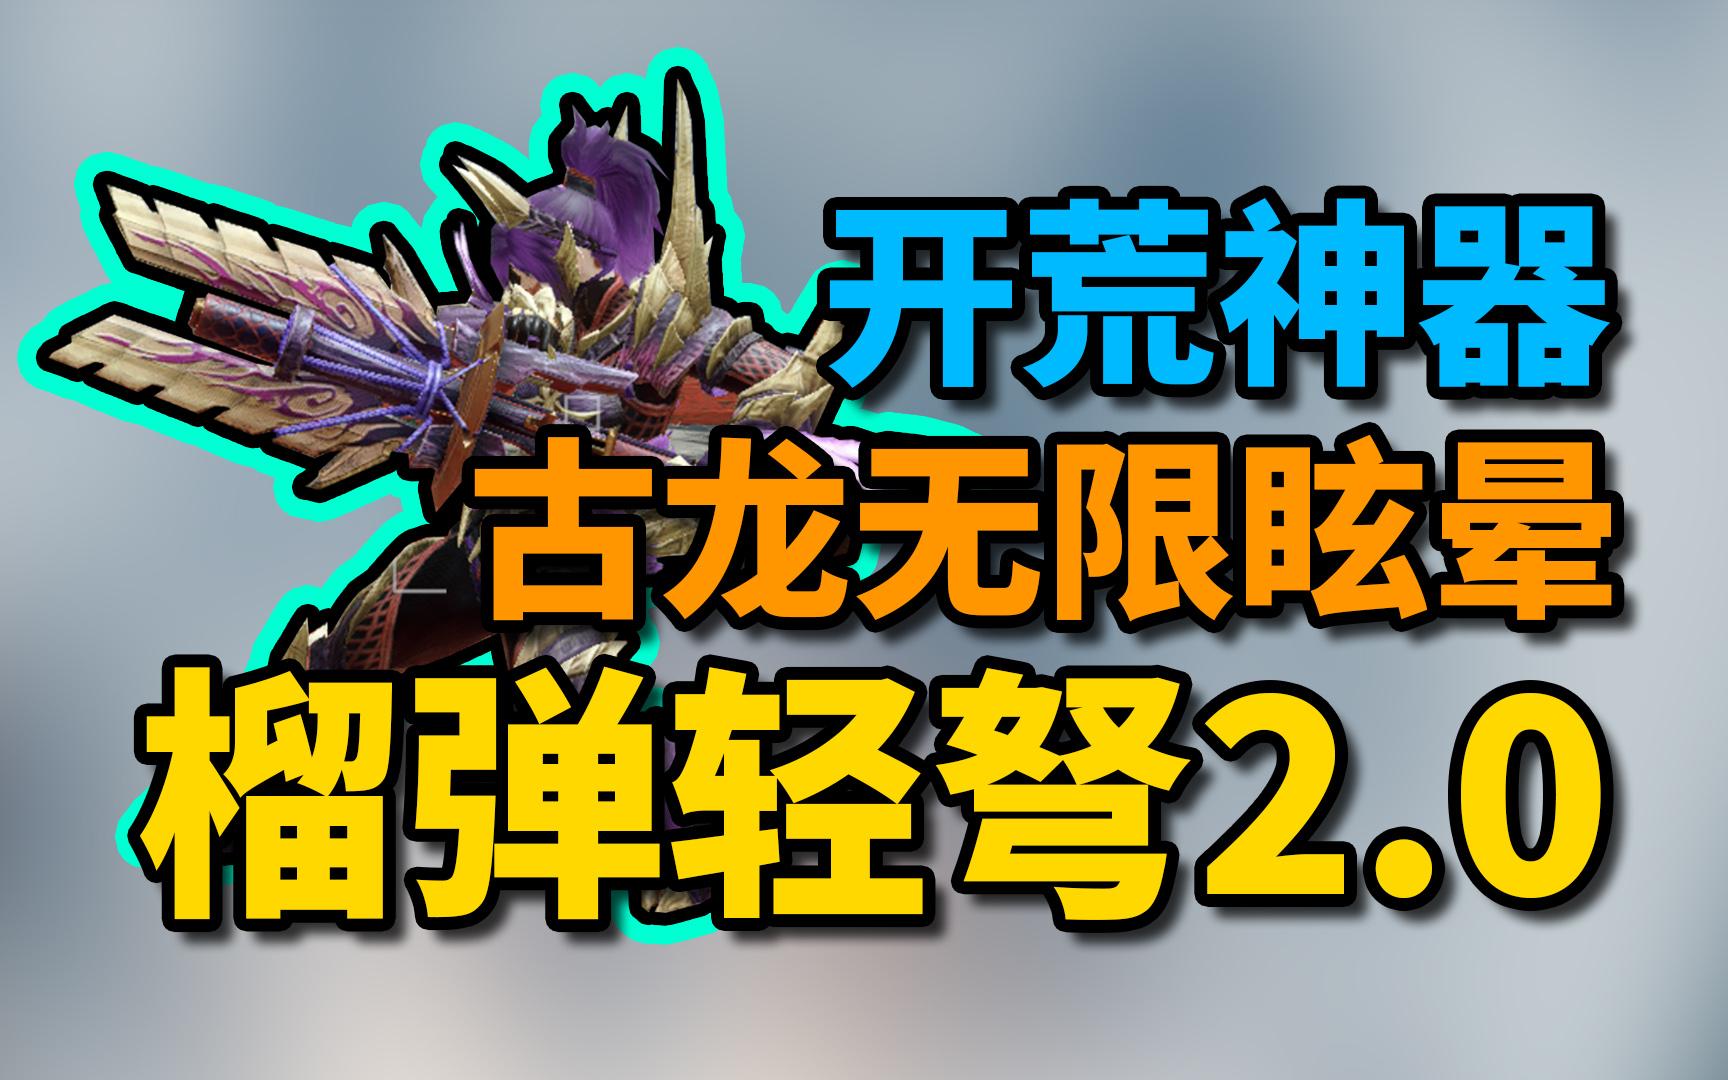 【怪物猎人崛起】榴弹轻弩2.0,开荒神器,无限眩晕三古龙!